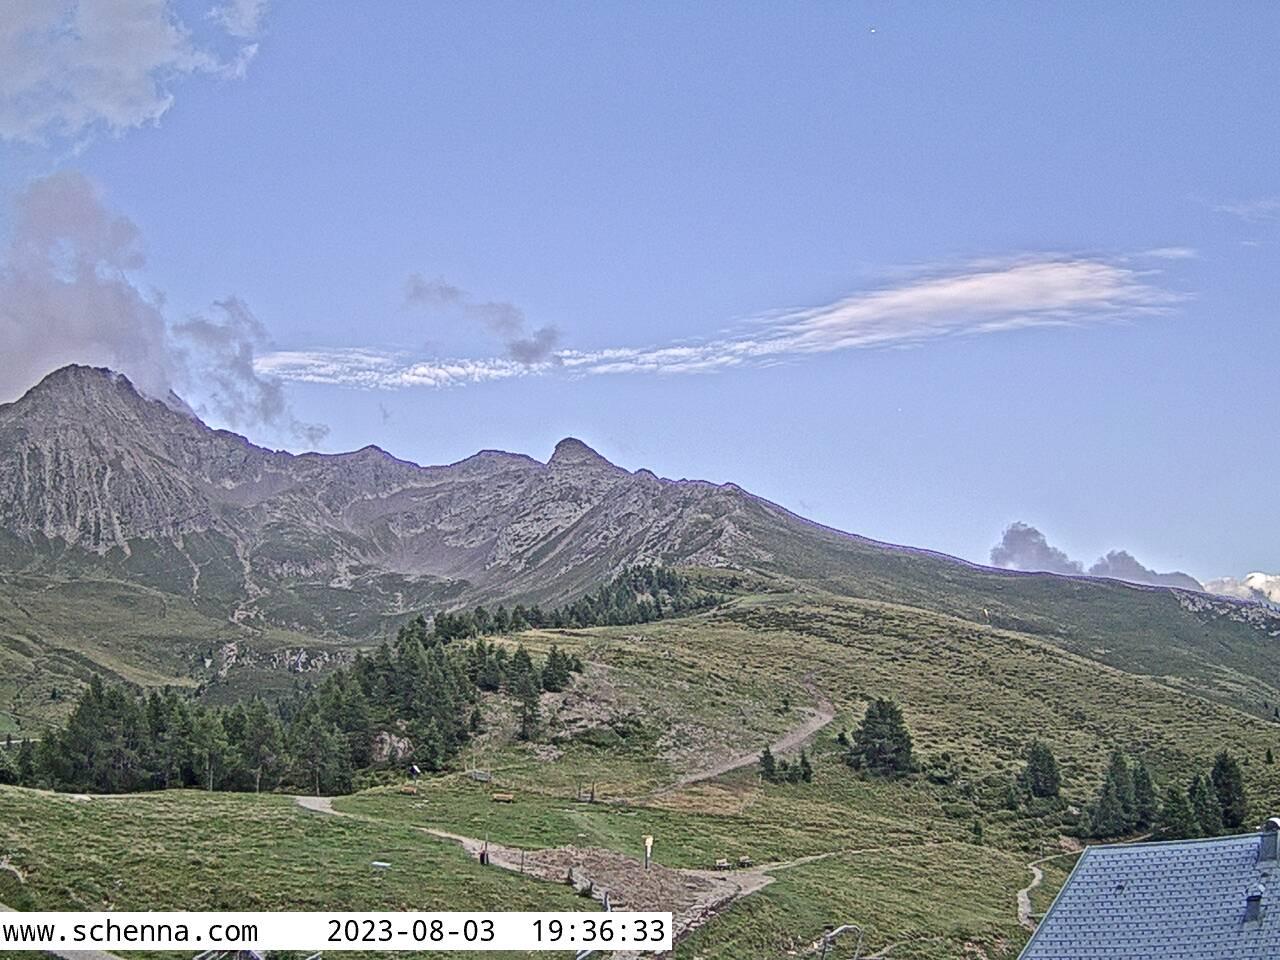 Bergstation Hirzer Seilbahn - Blick Richtung Hirzergebiet mit Hirzer (2.781m)